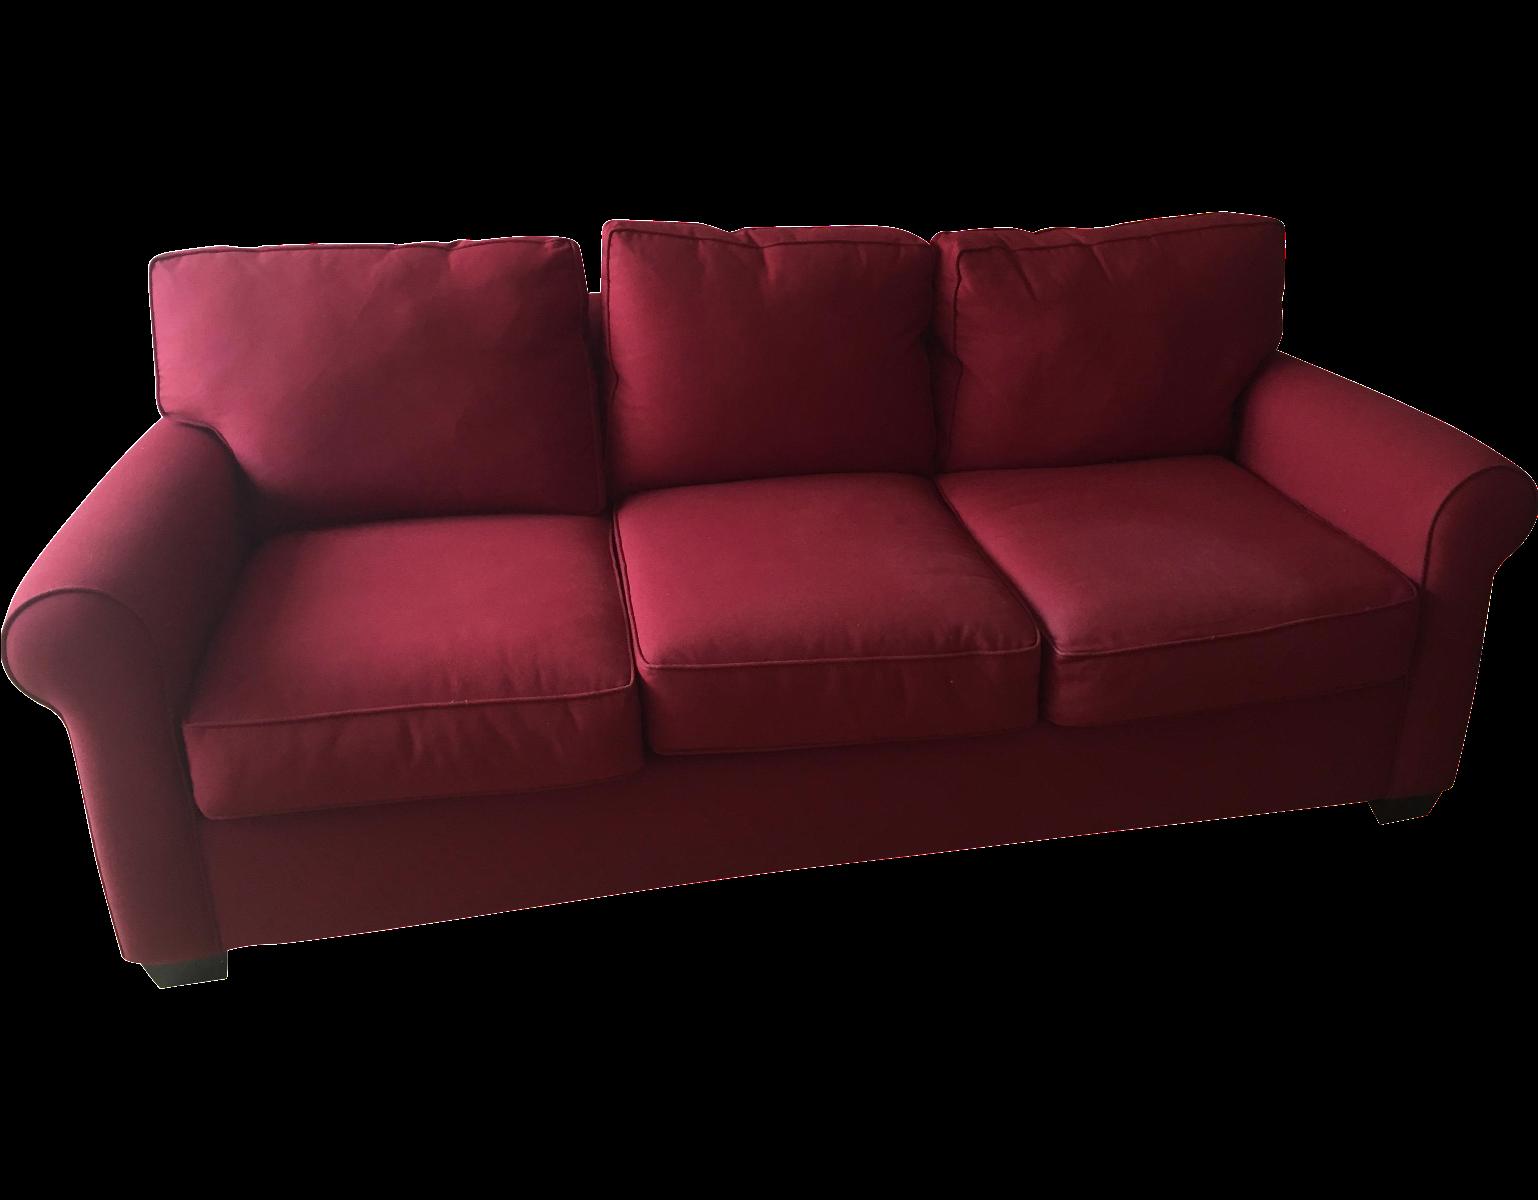 Pottery barn buchanan sofa chairish for Buchanan chaise sofa from pottery barn